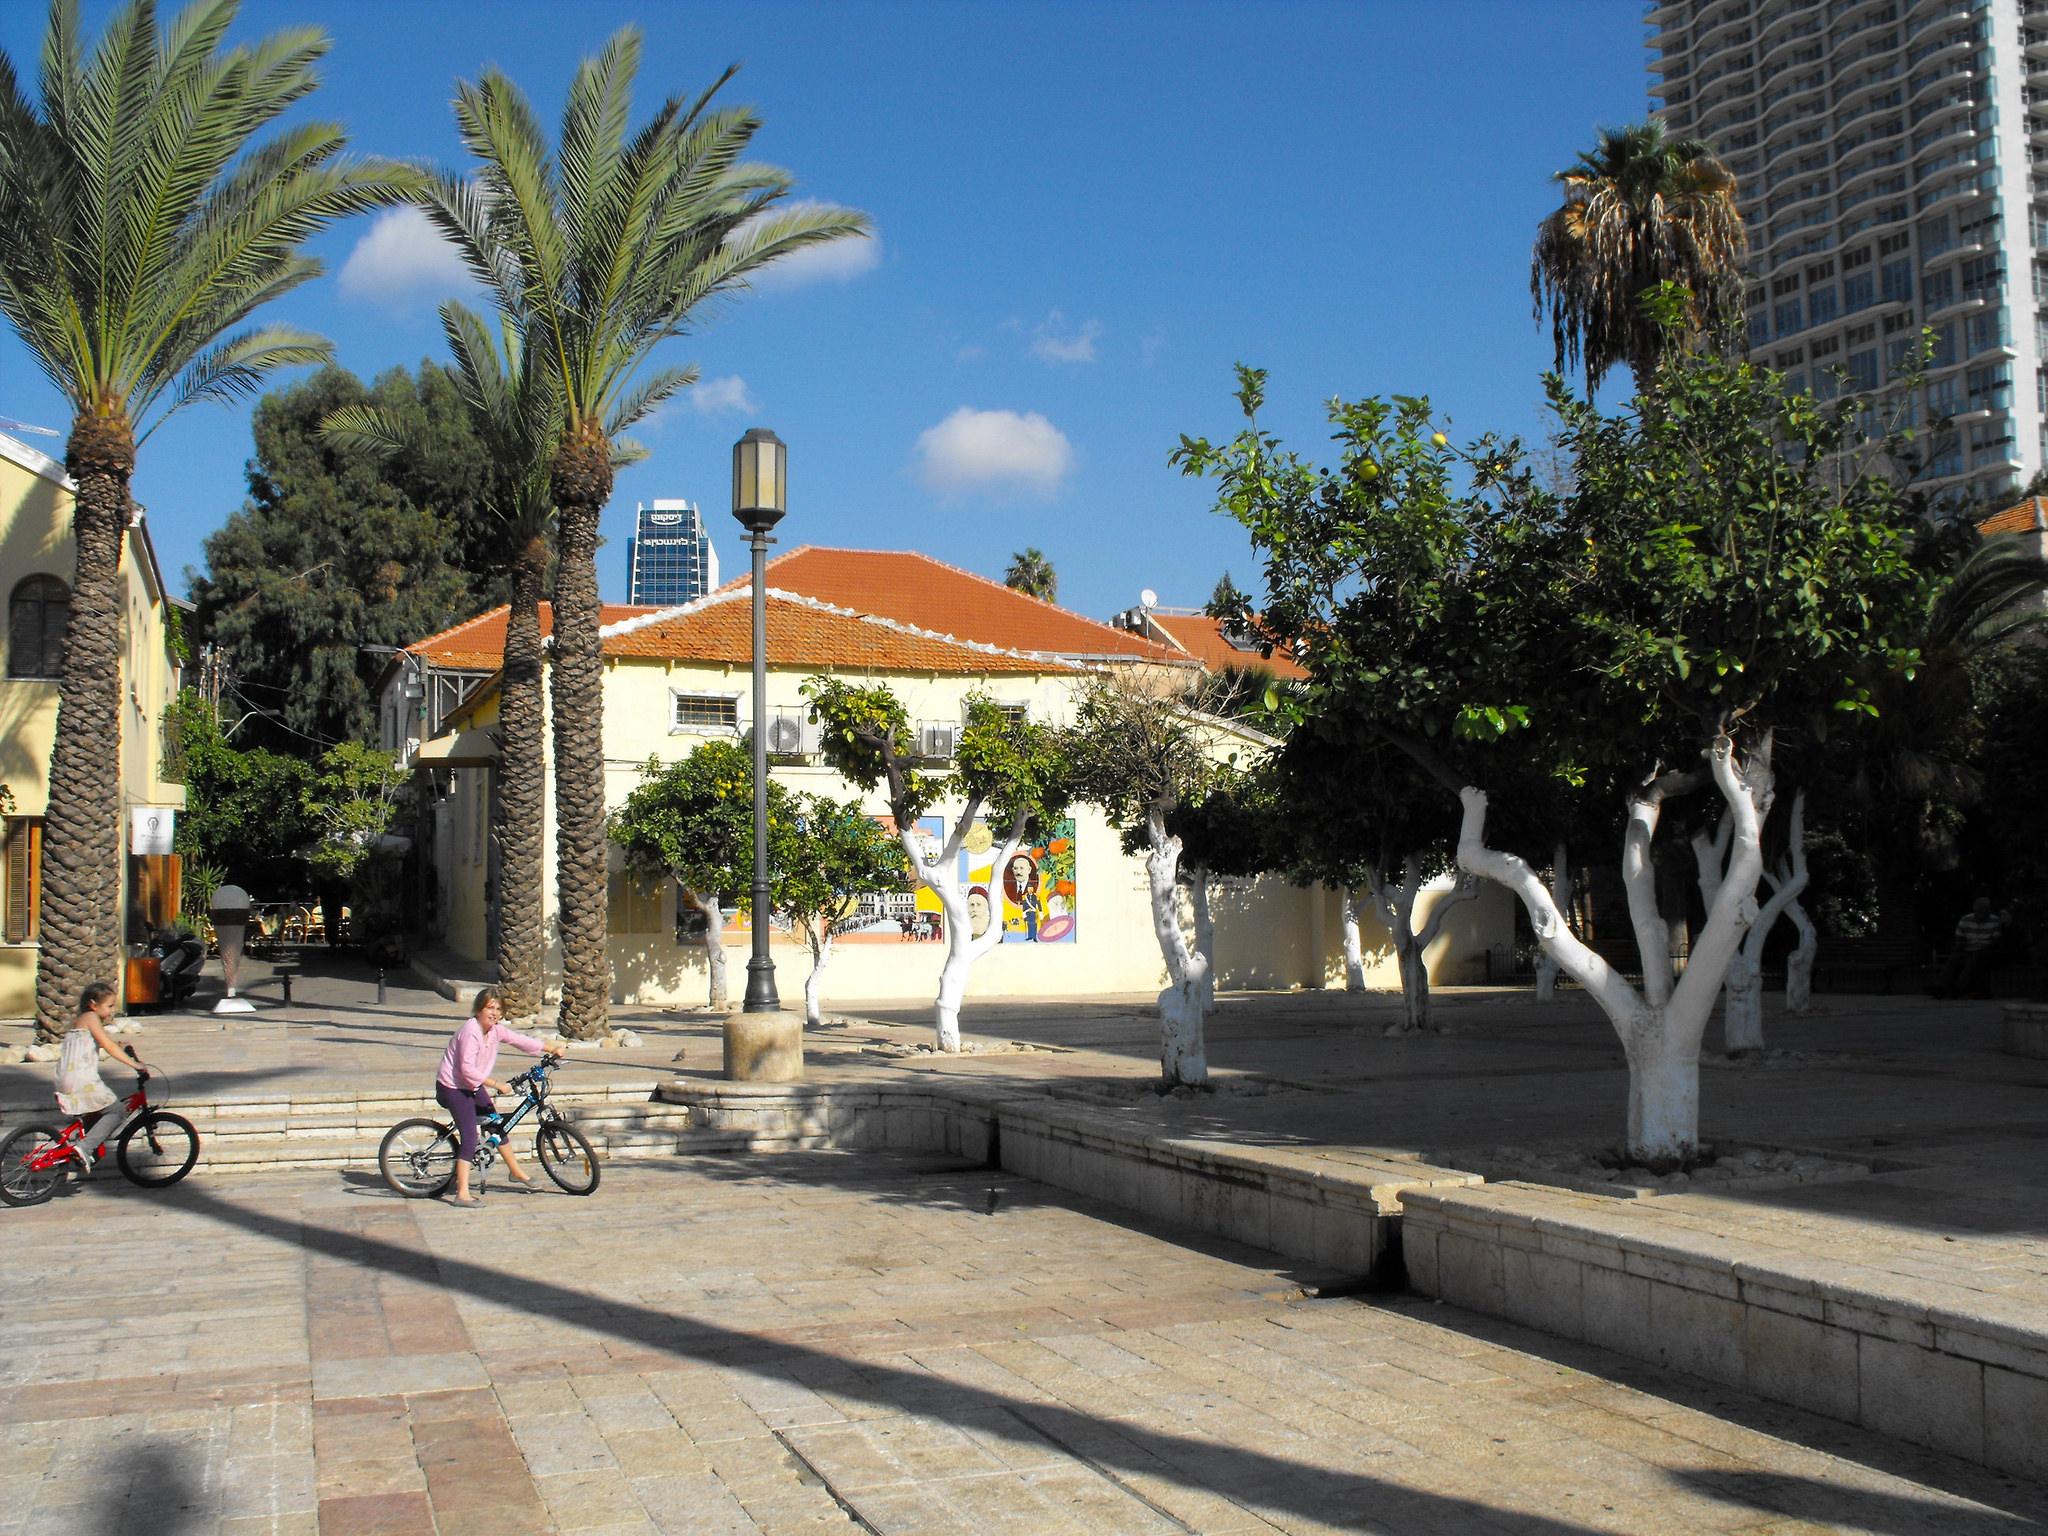 Неве-Цедек, район на юго-западе Тель-Авива